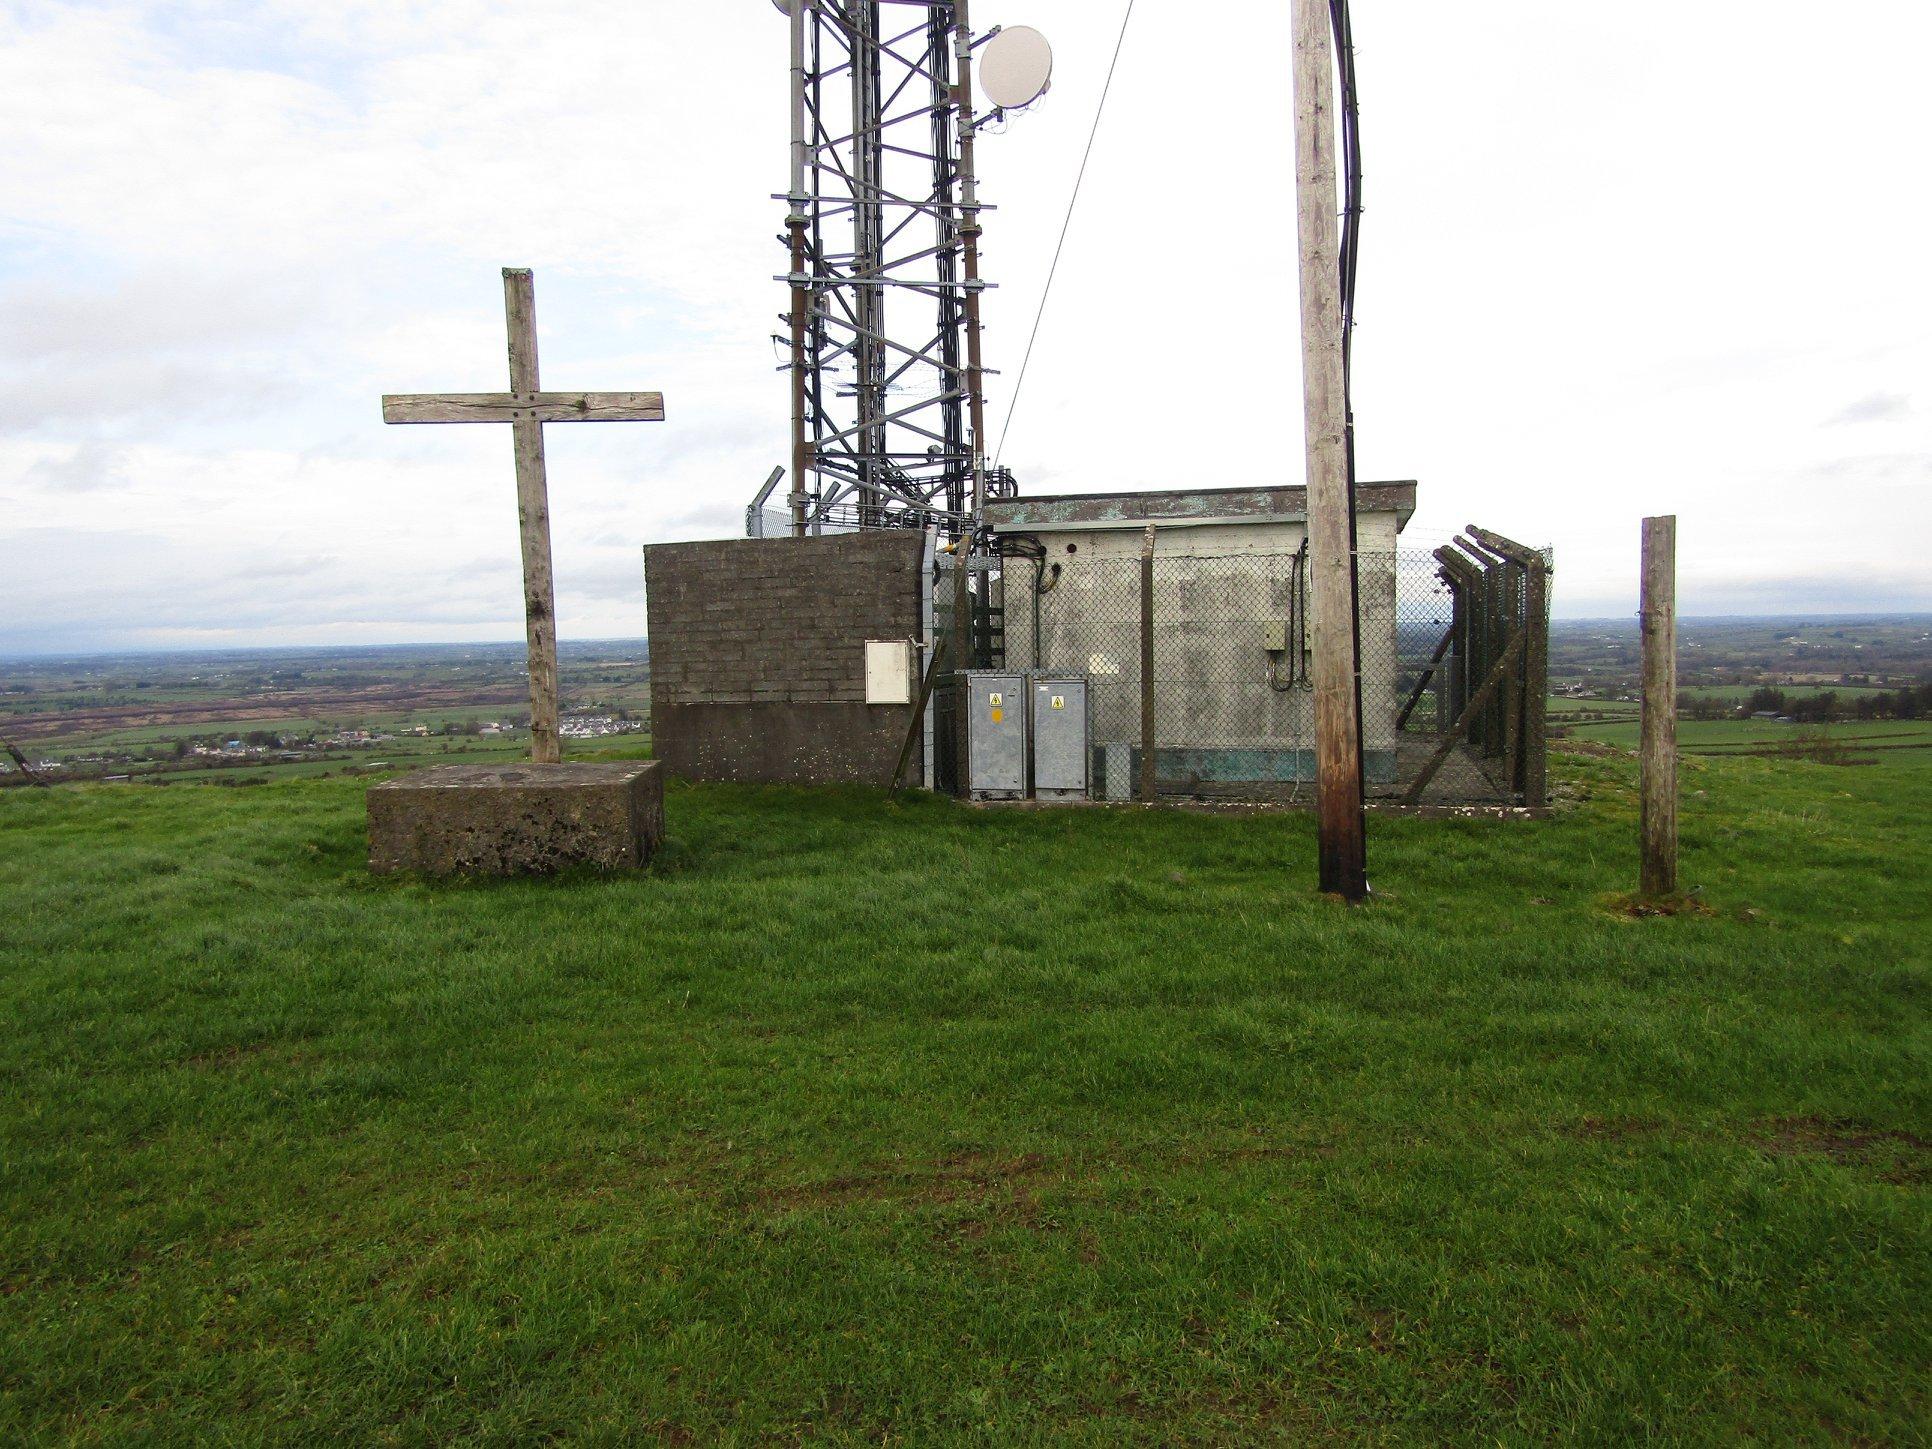 Abbeyknockmoy Cross - Visit Galway